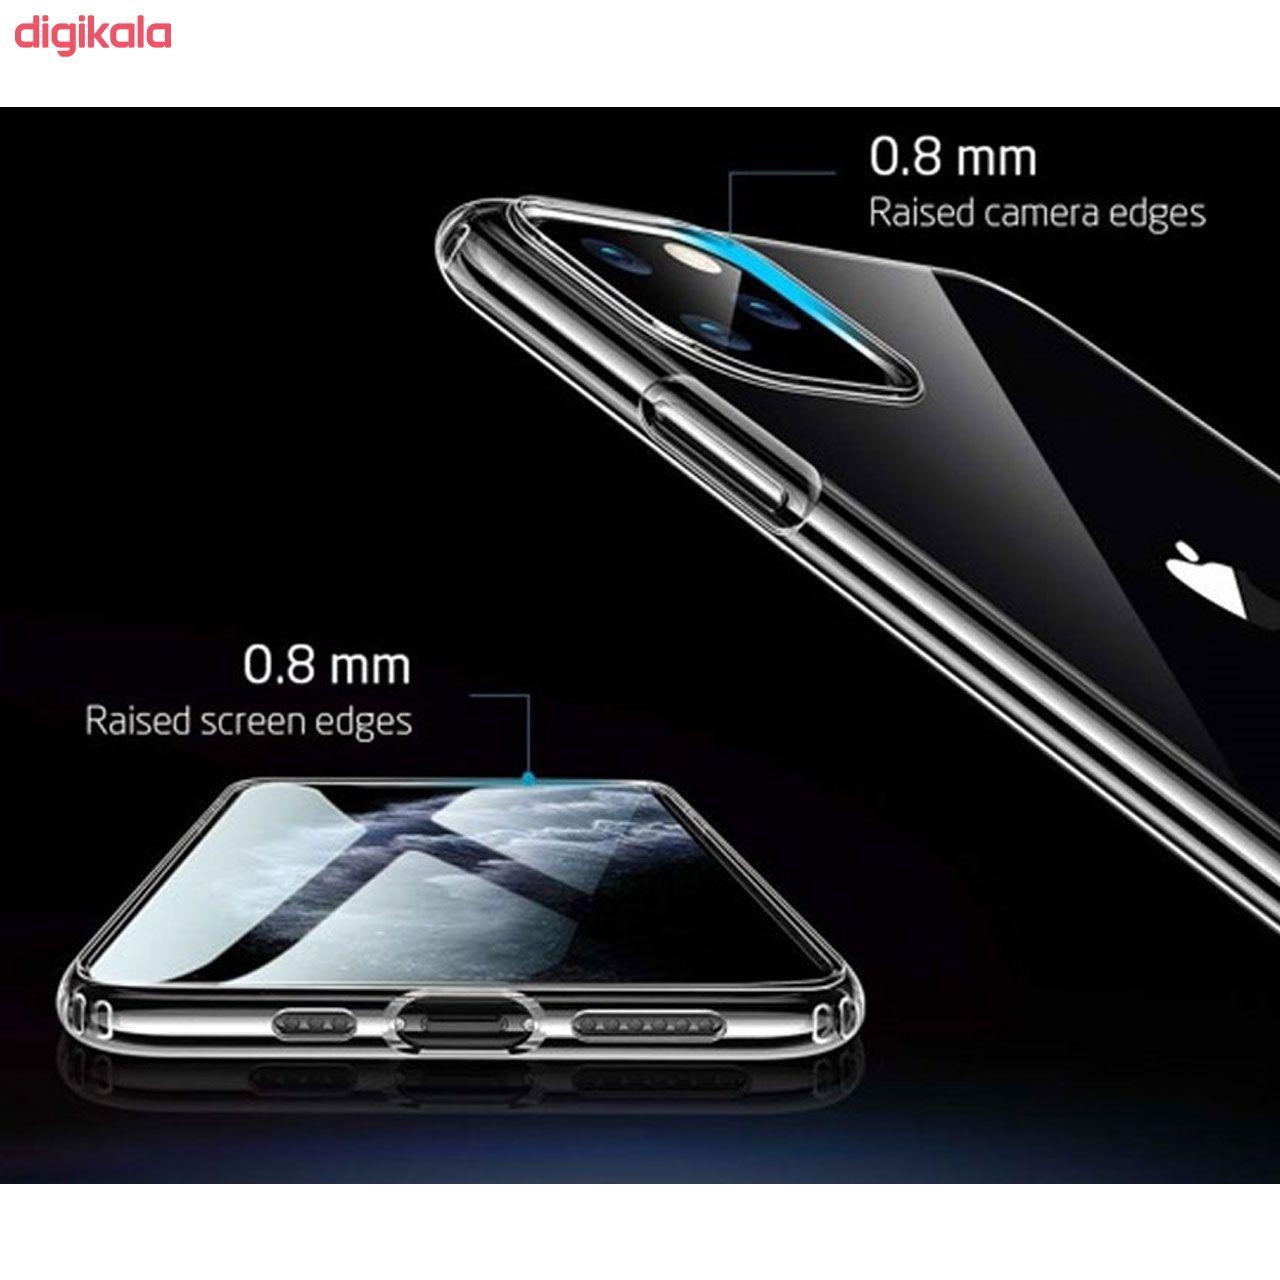 کاور مدل BLKN مناسب برای گوشی موبایل اپل iPhone 12 Pro Max main 1 10